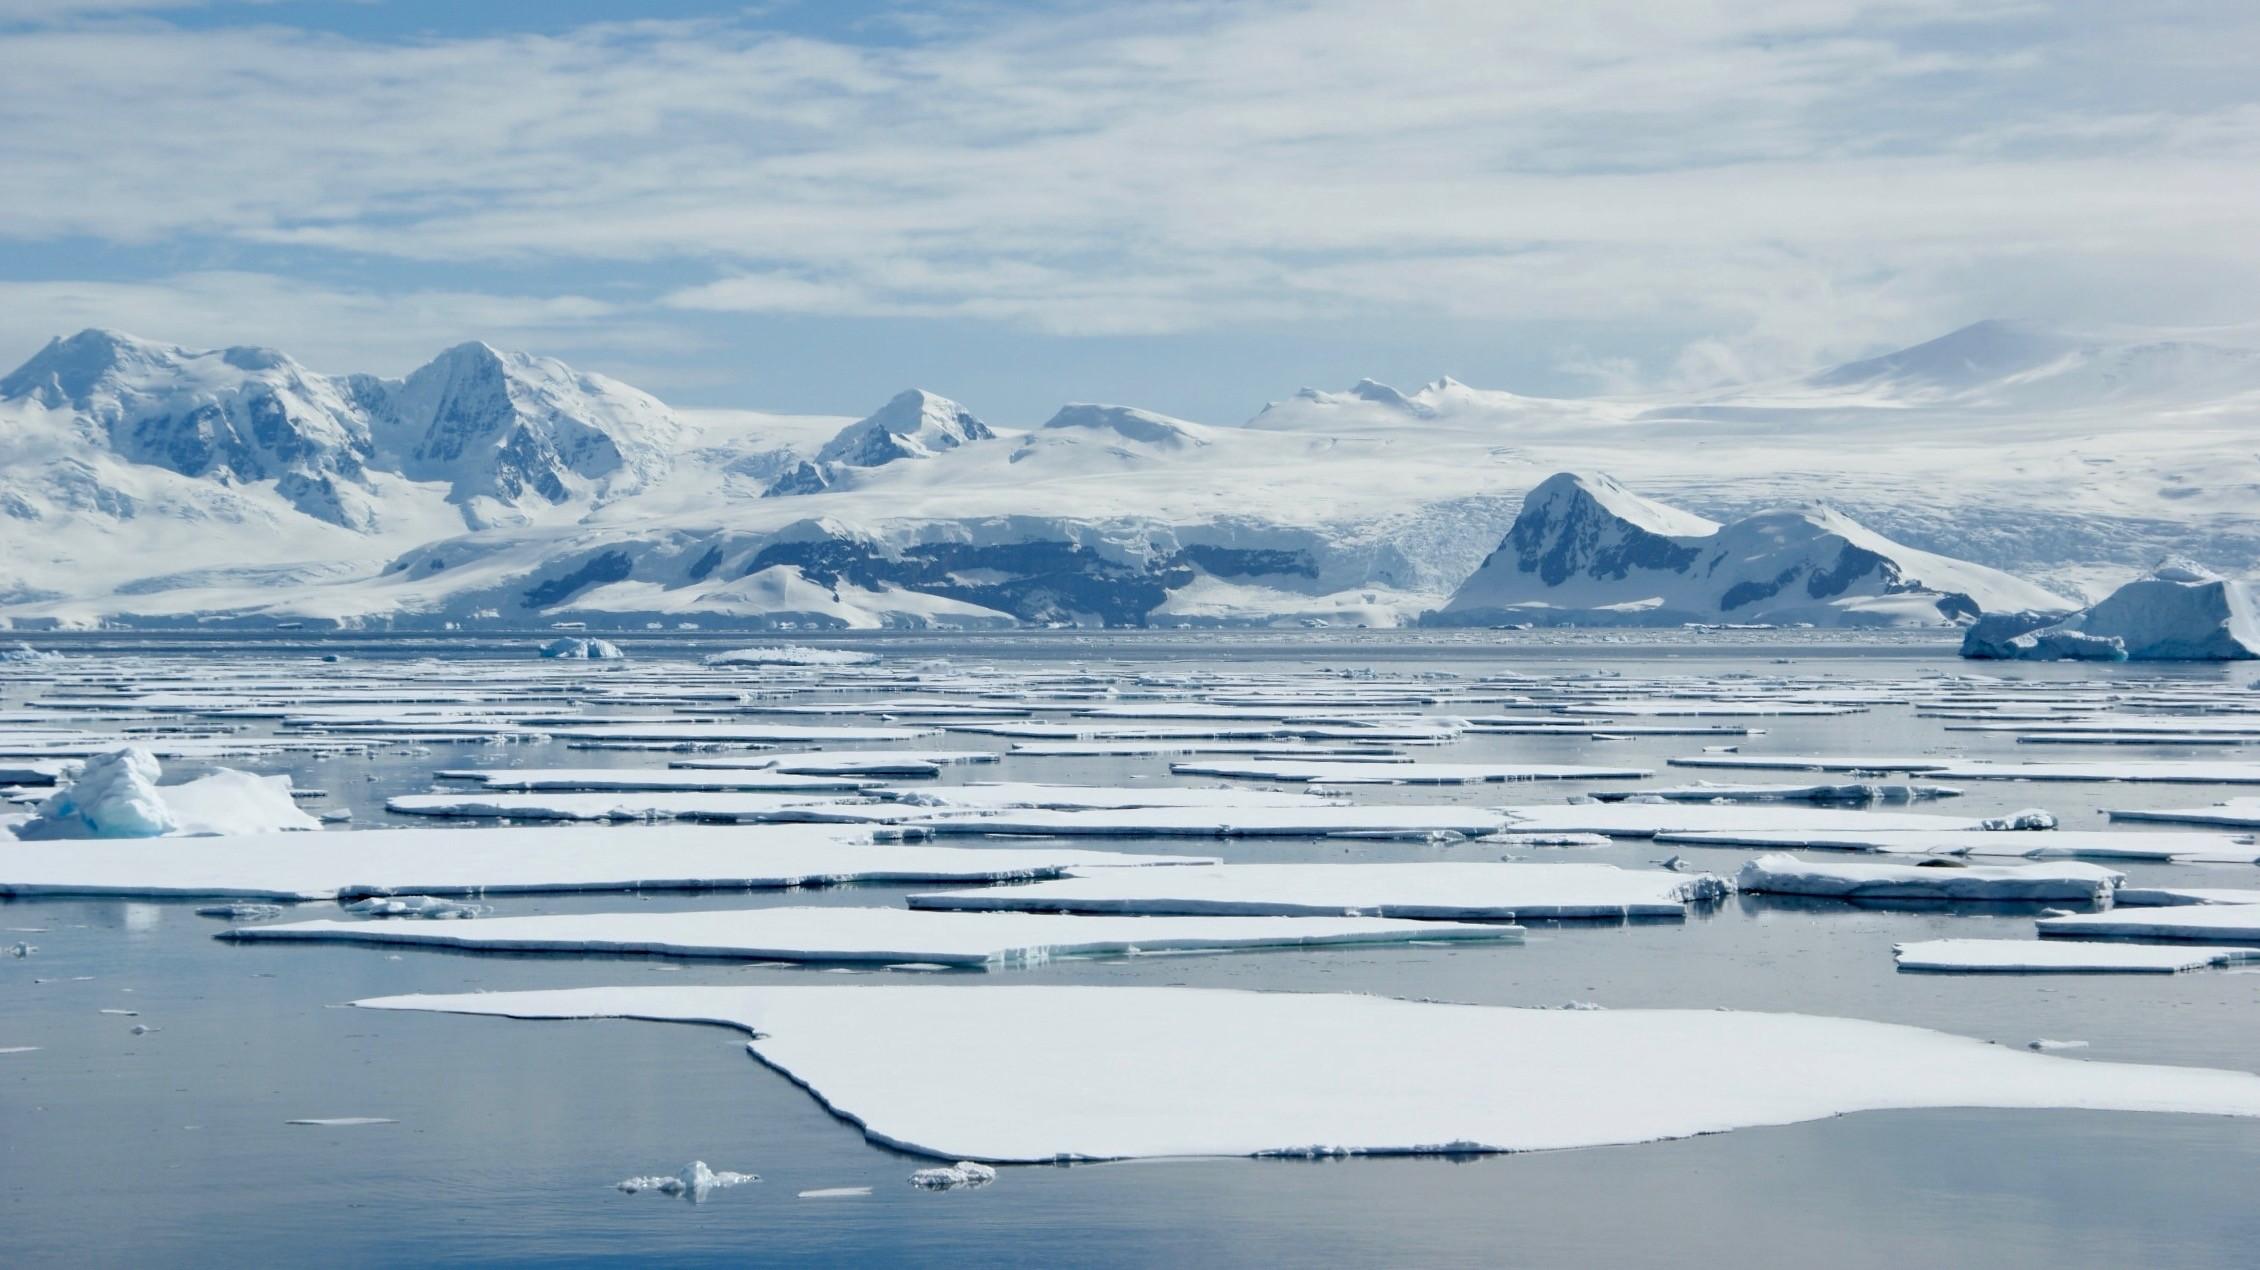 Oui, le climat a toujours varié mais l'homme n'était pas responsable… - Curieux!